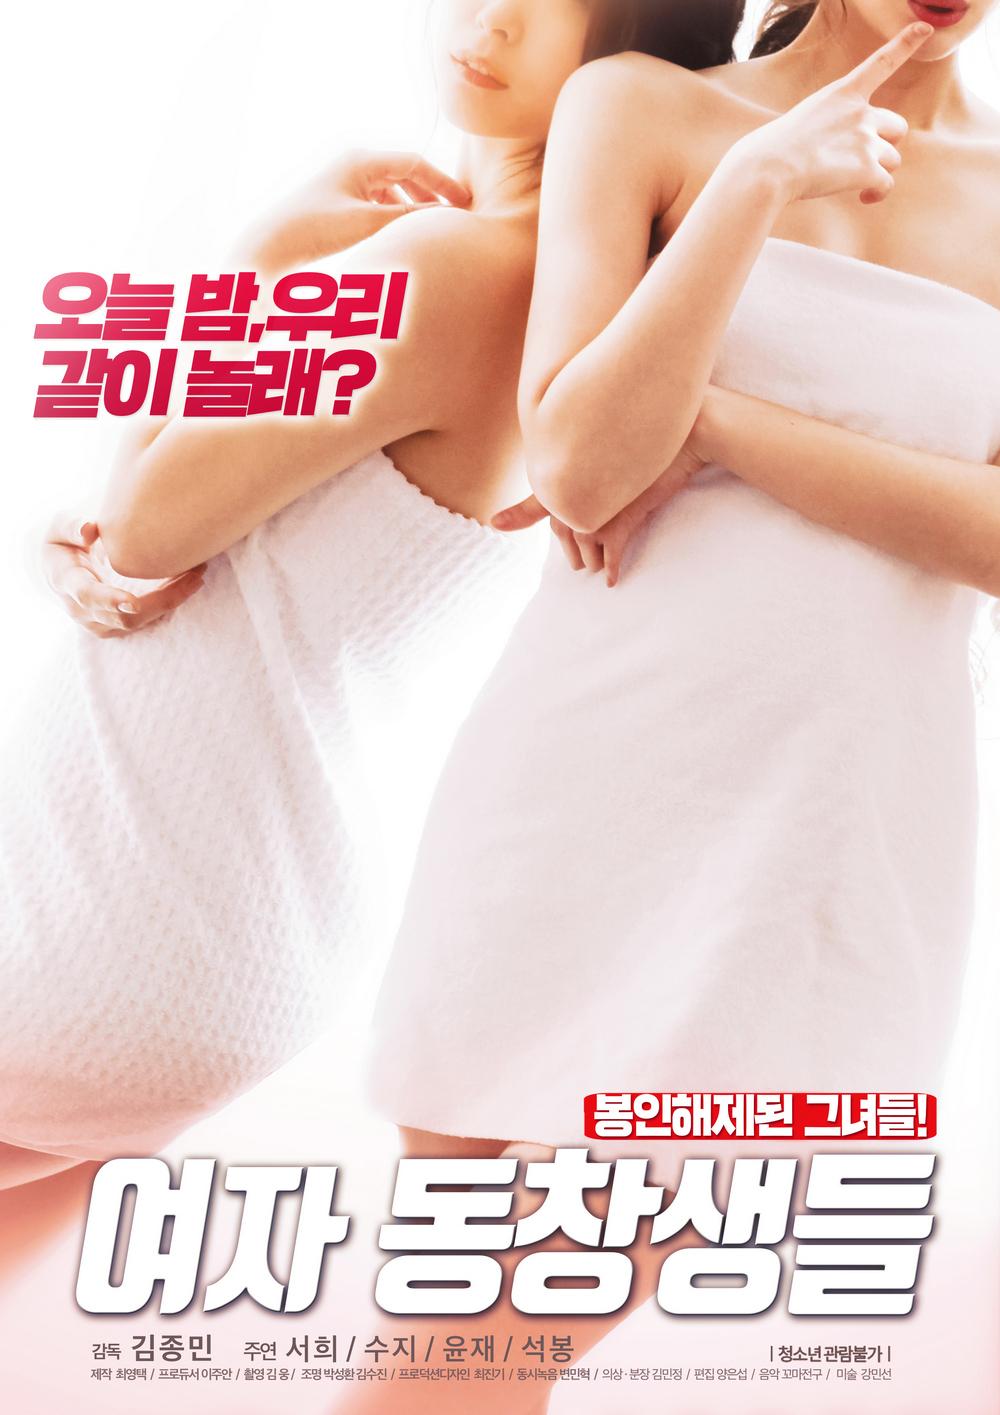 Female alumni Full Korea 18+ Adult Movie Online Free